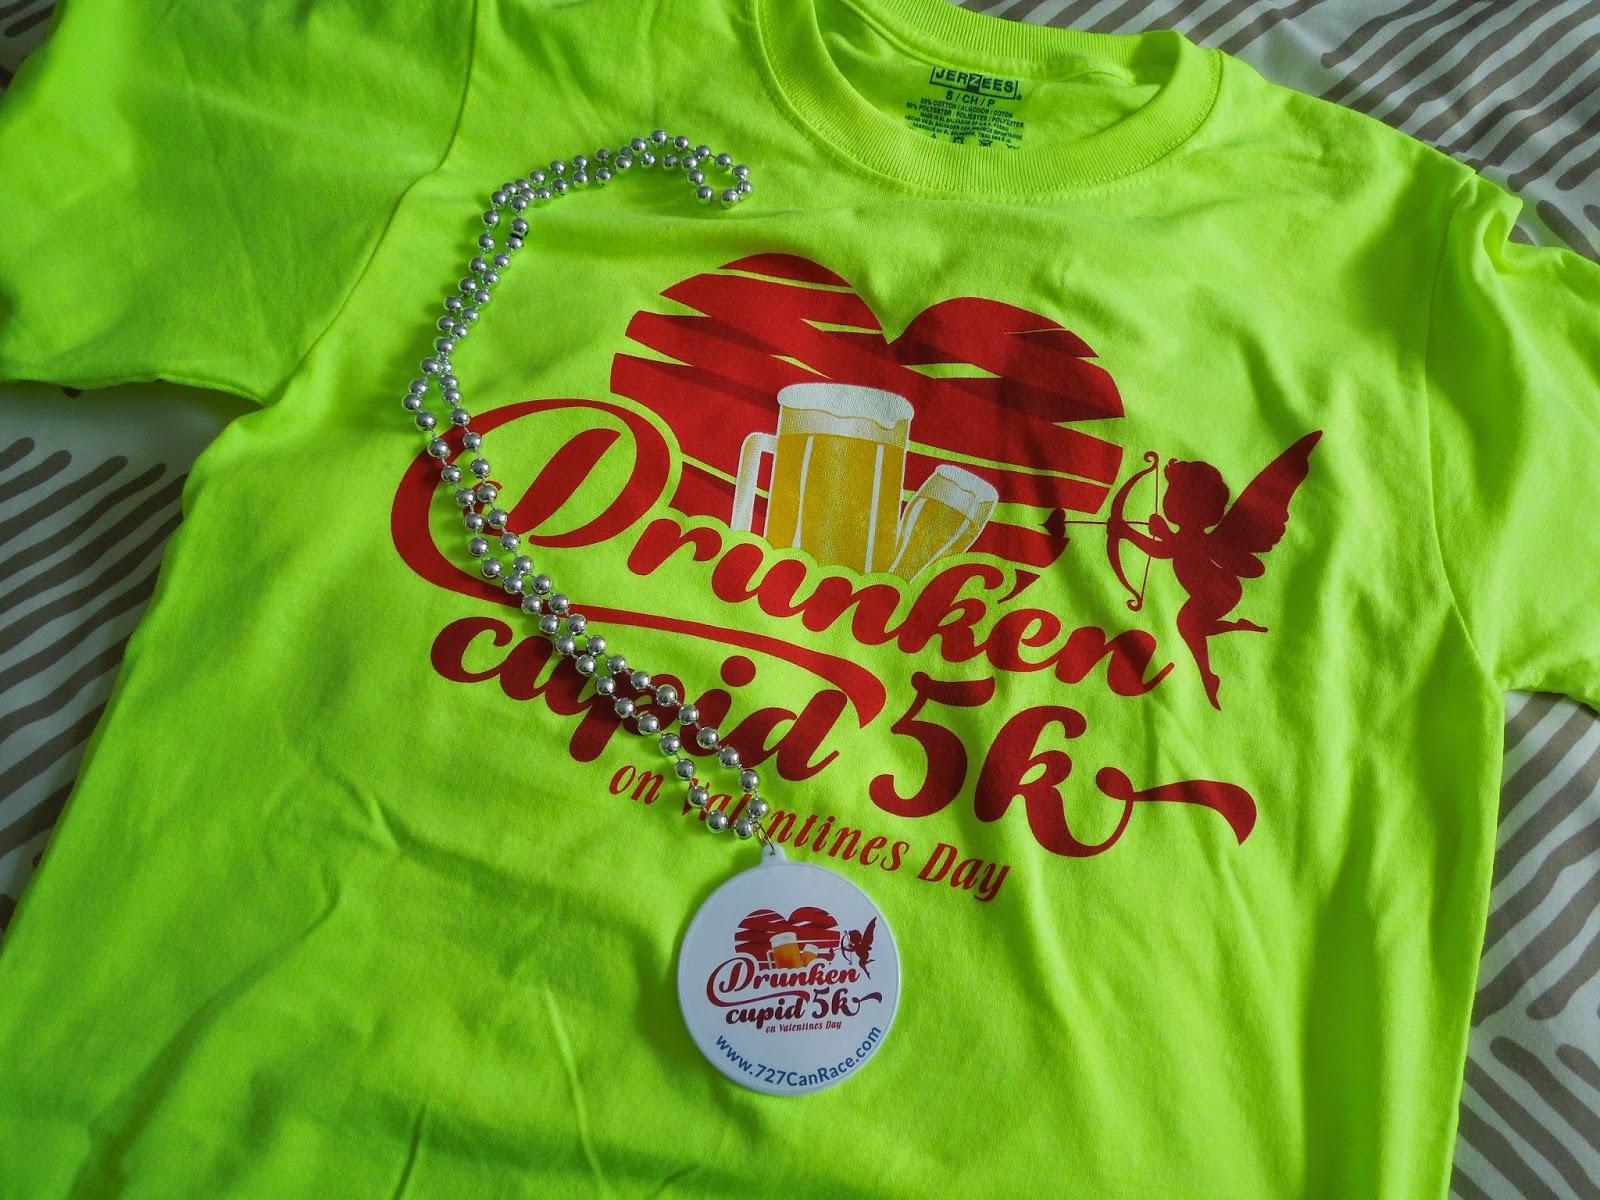 5K race t-shirt